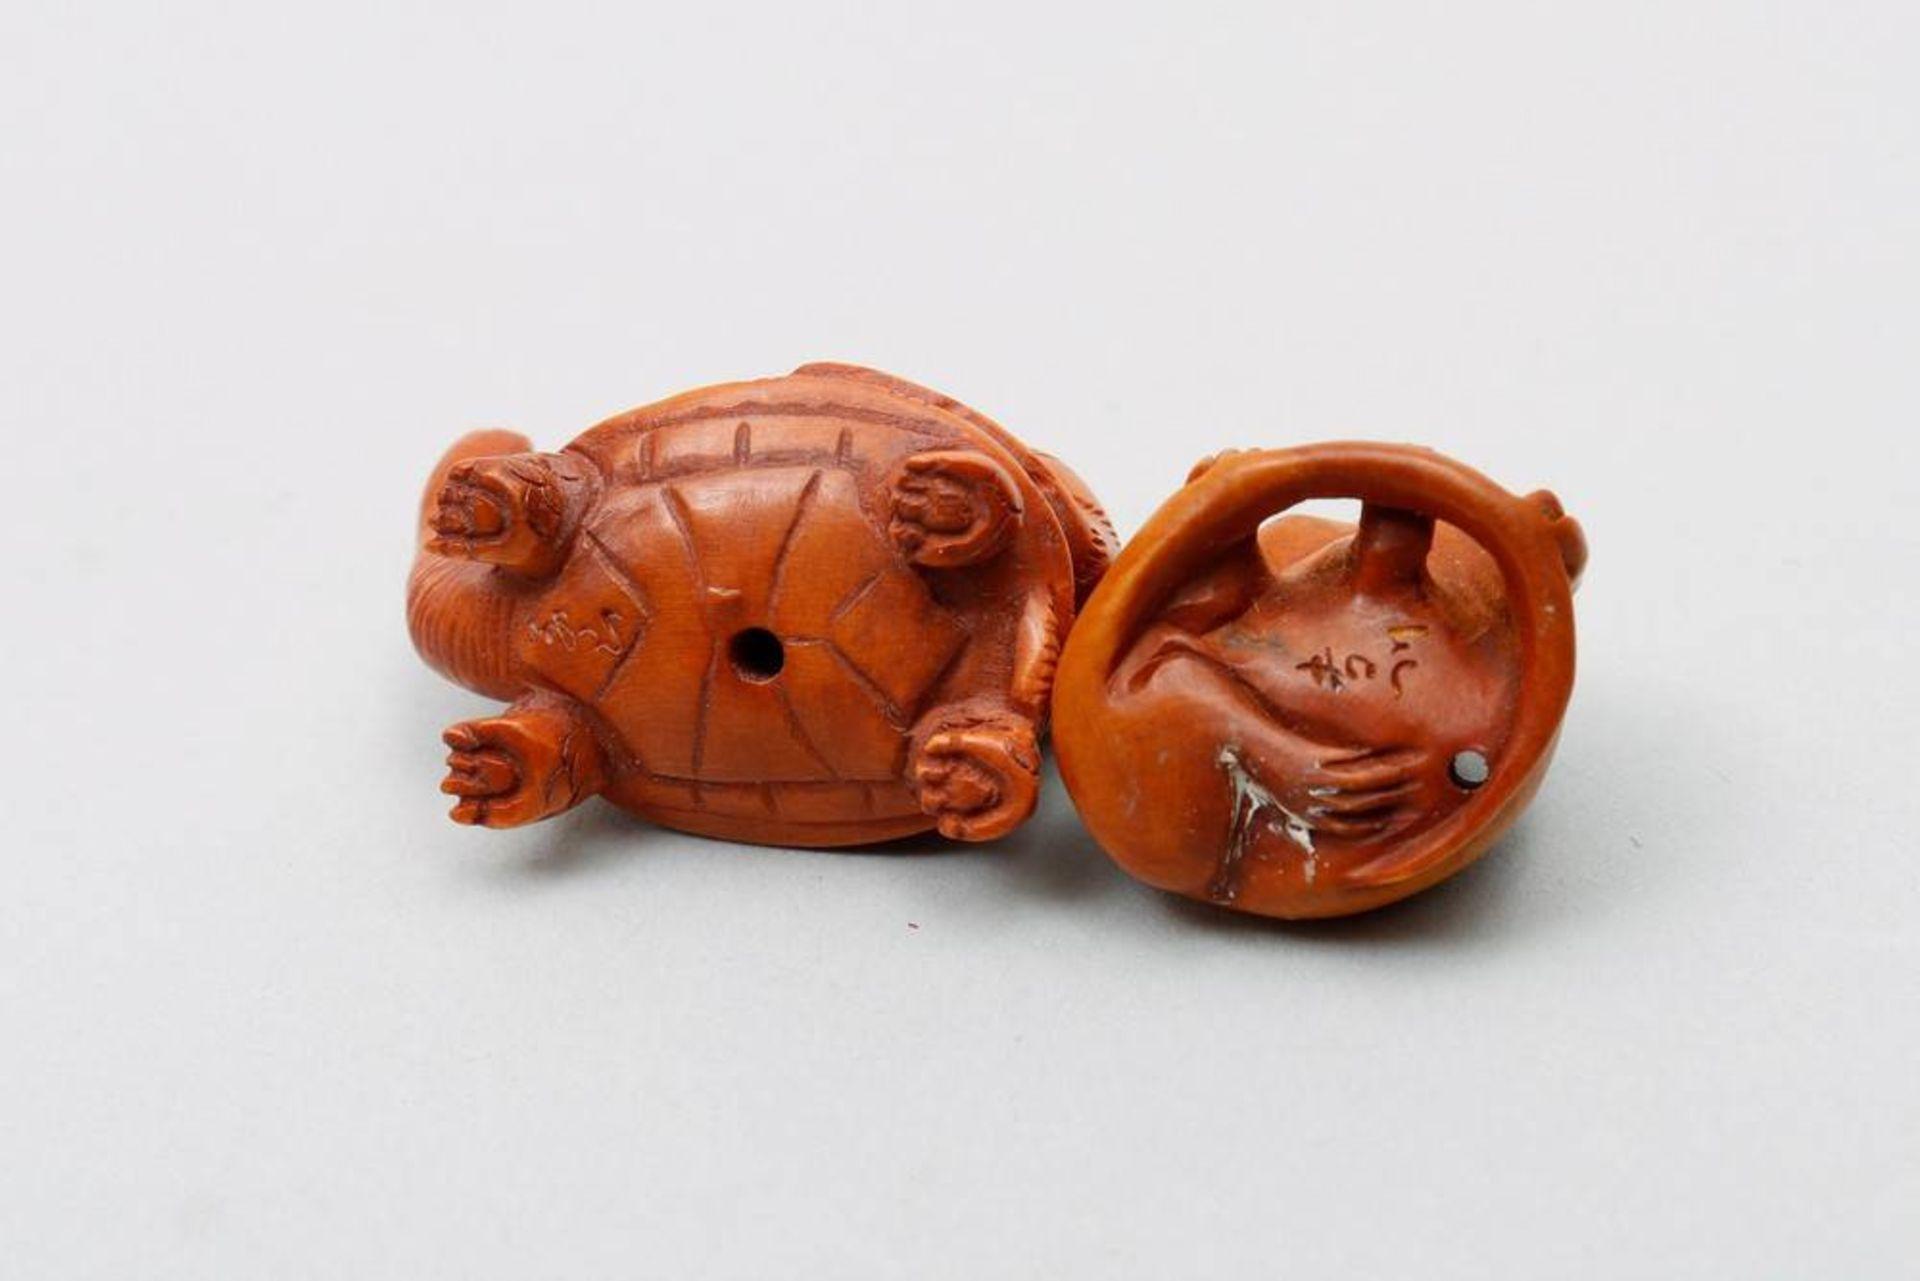 2 Ojime wohl Japan, um 1900/20, sitzende Ratte mit Glasaugen und Tiger auf einer Schildkröte - Bild 4 aus 4